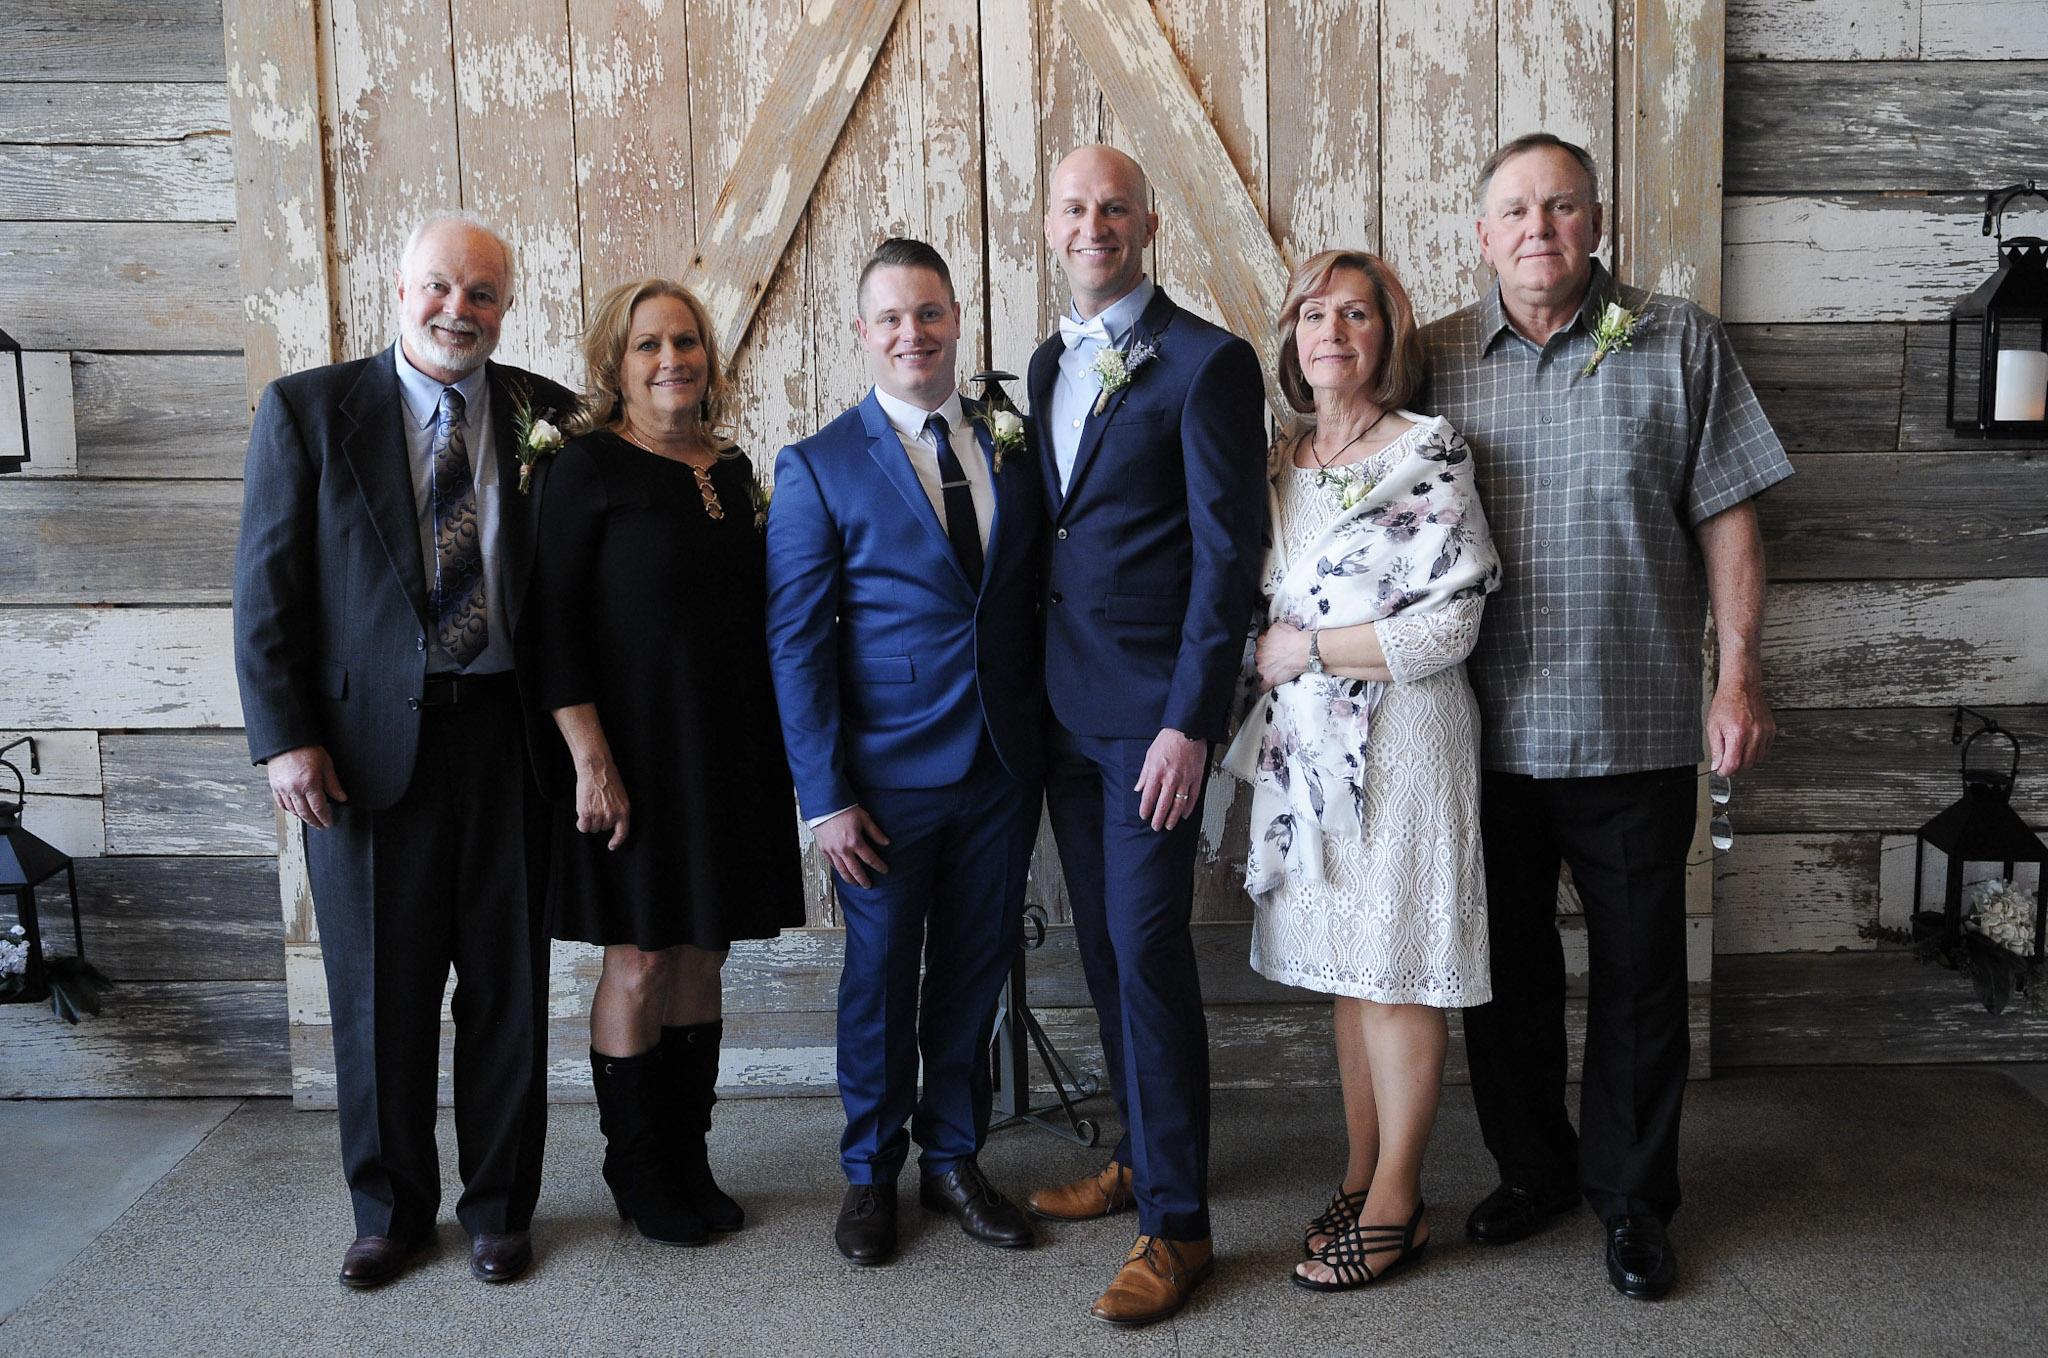 Kansas_City_Small_Intimate_Budget_Wedding_Venue_IMG_7391.jpg